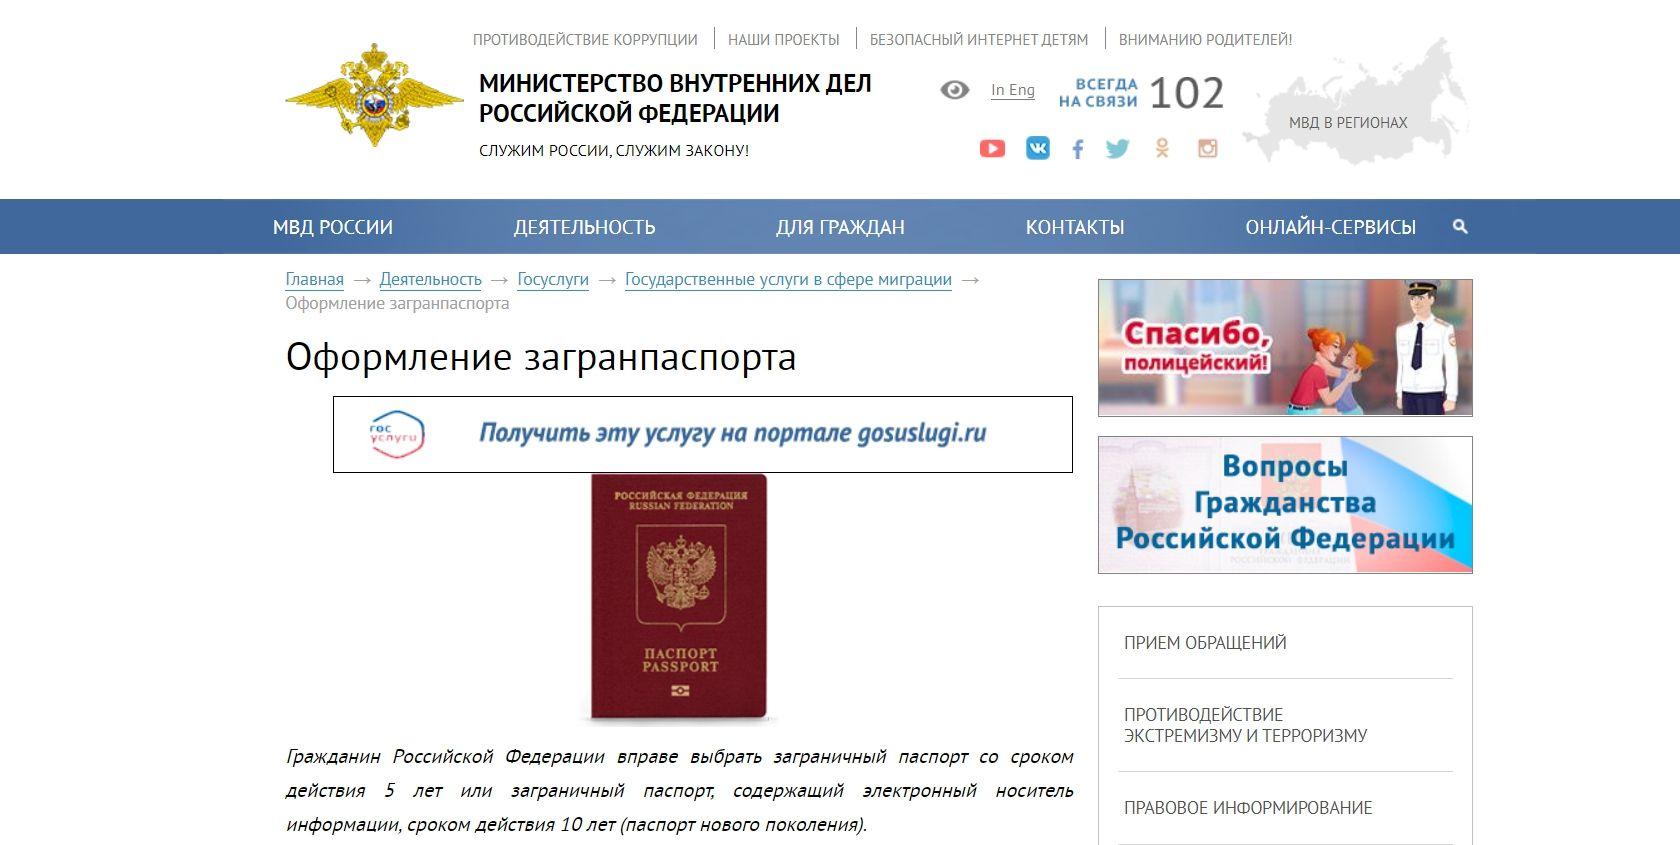 Получеие бланков документов на сайте МВД.рф